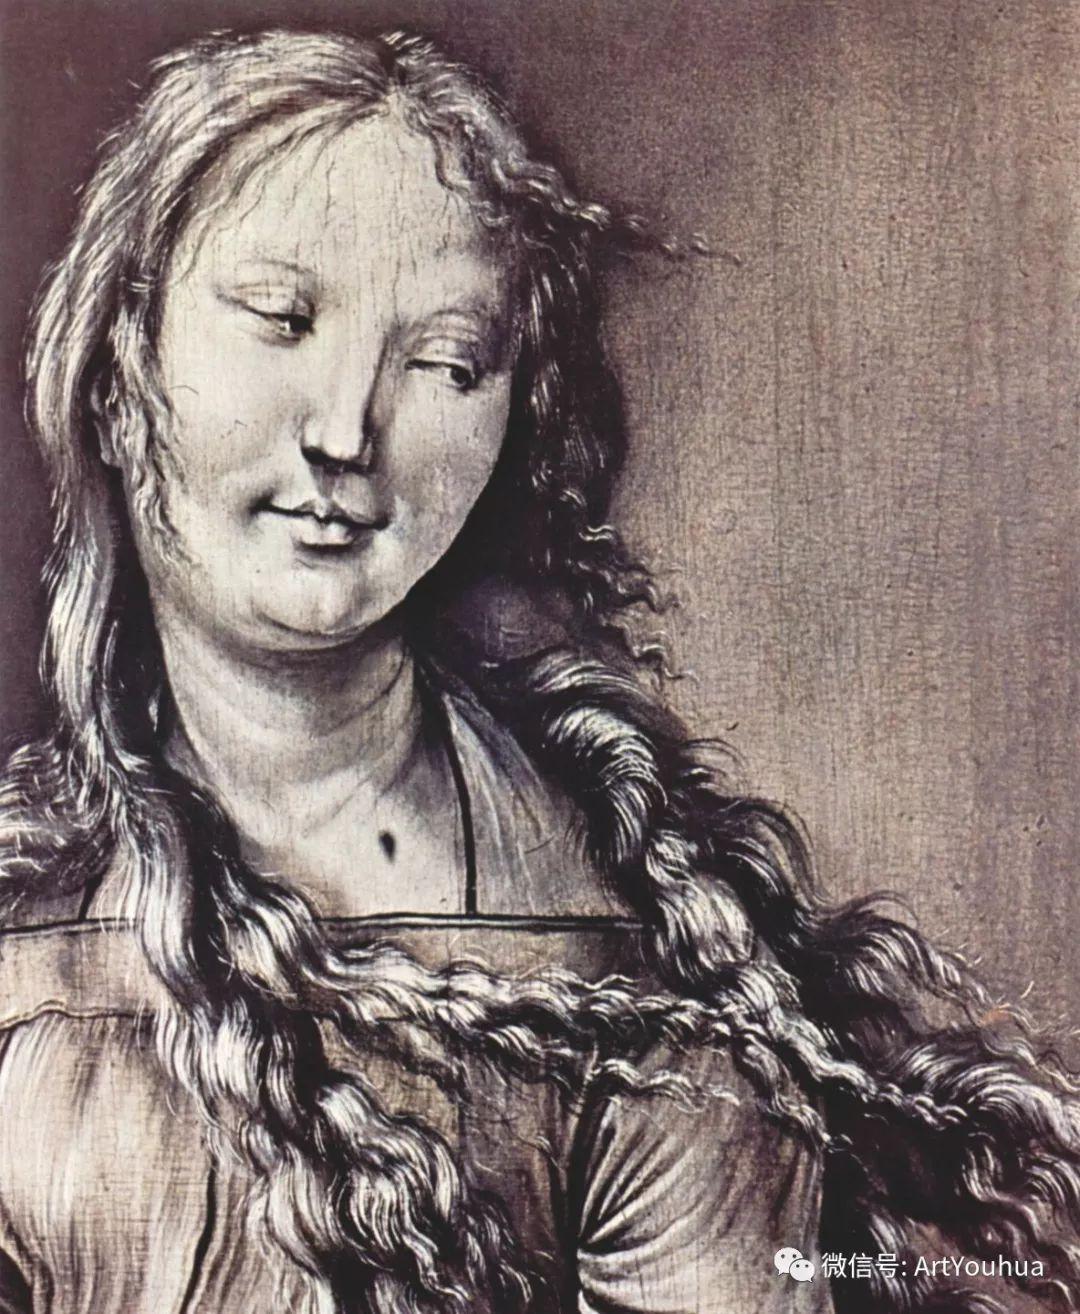 连载No.5 一生要知道的100位世界著名画家之格吕内瓦尔德插图33